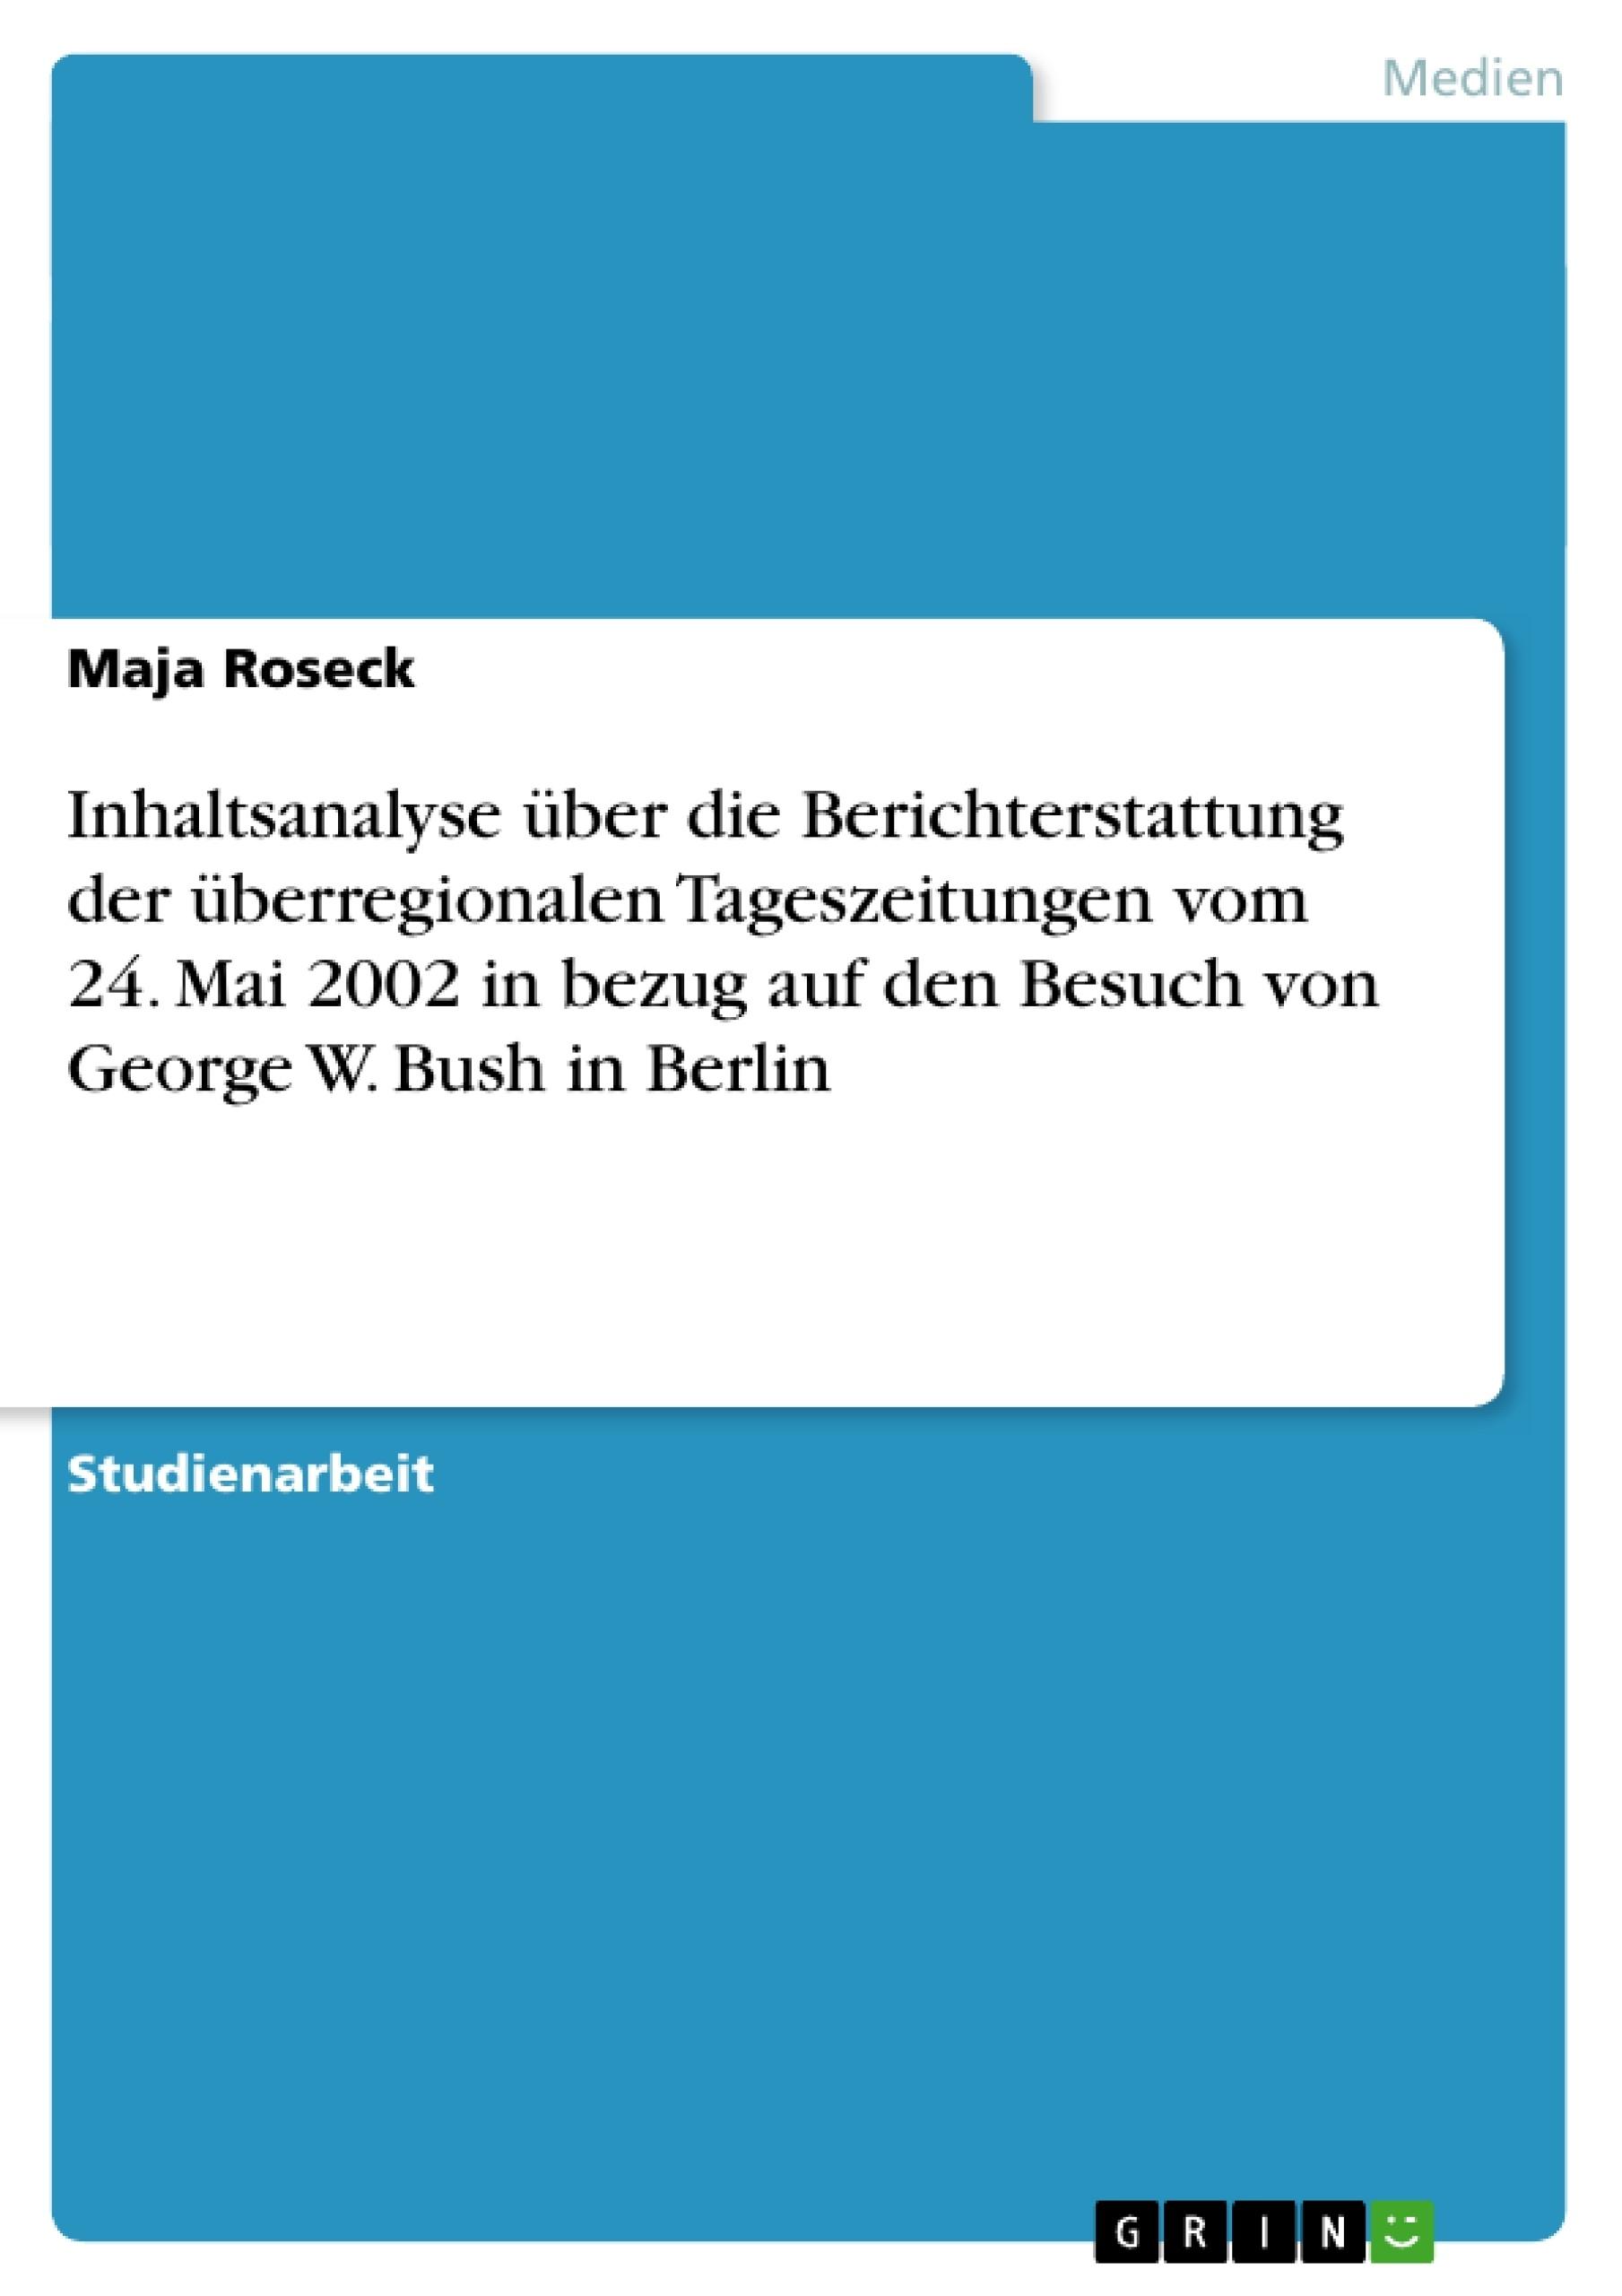 Titel: Inhaltsanalyse über die Berichterstattung der überregionalen Tageszeitungen vom 24. Mai 2002 in bezug auf den Besuch von George W. Bush in Berlin